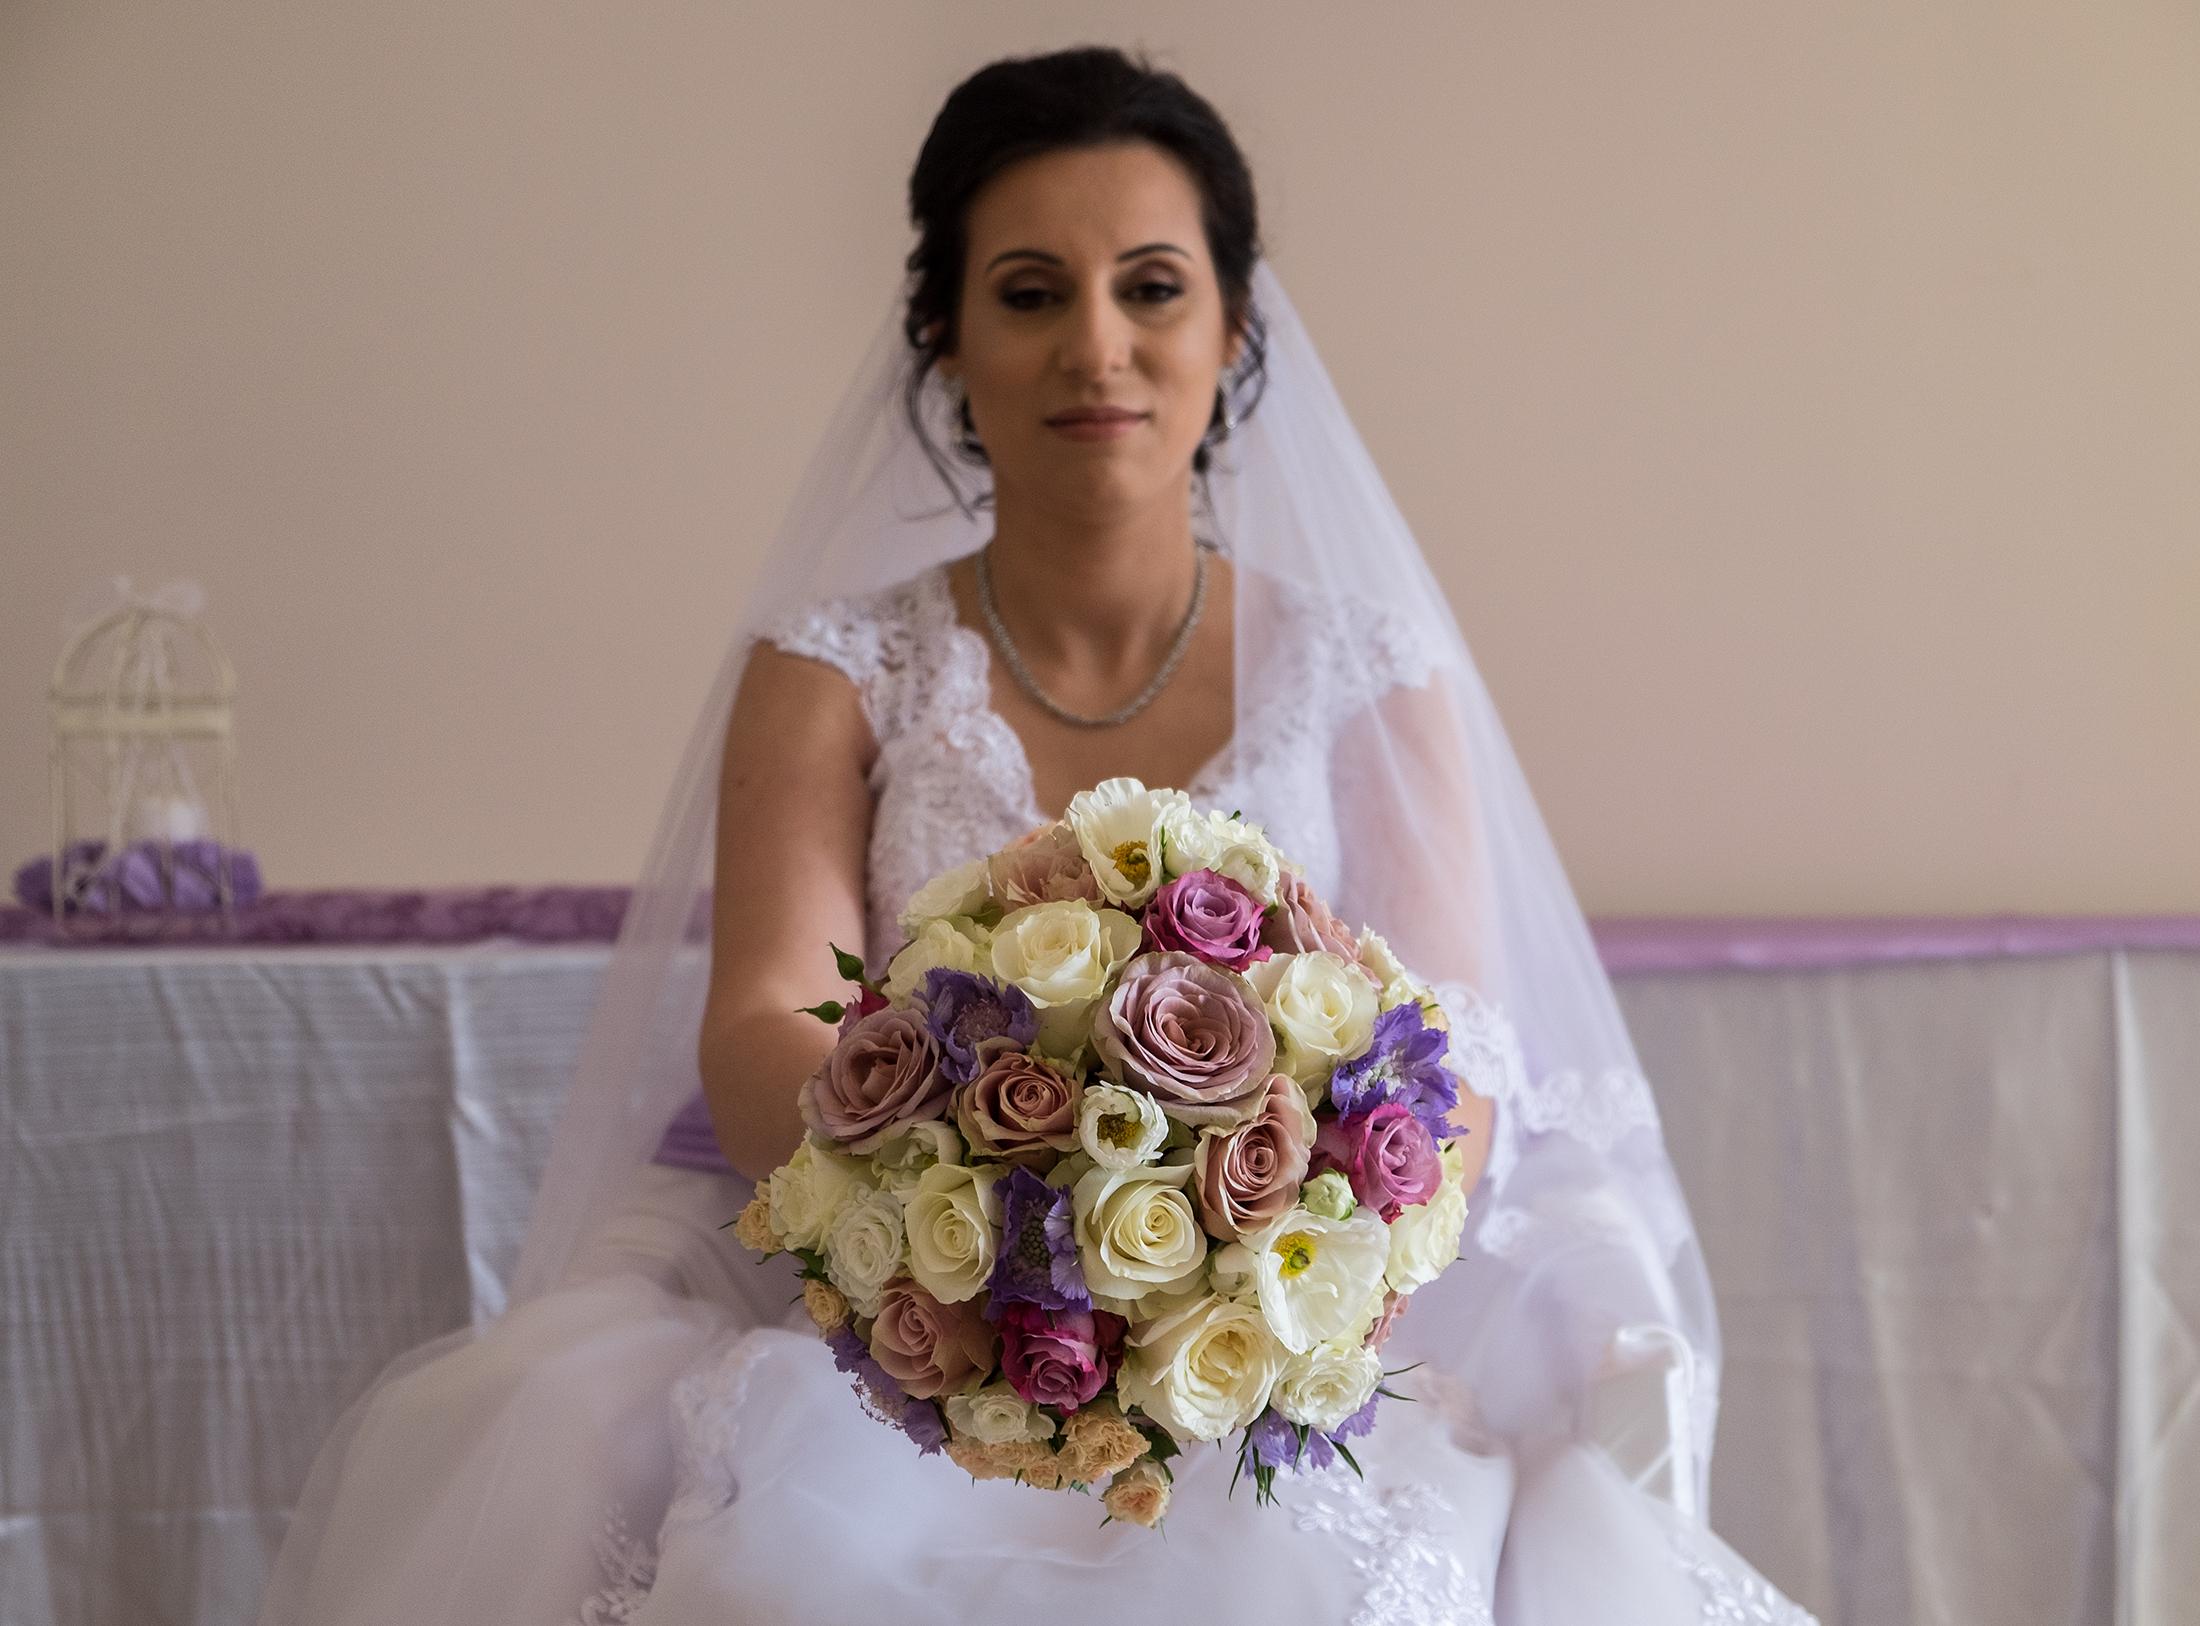 Eli's wedding bouquet